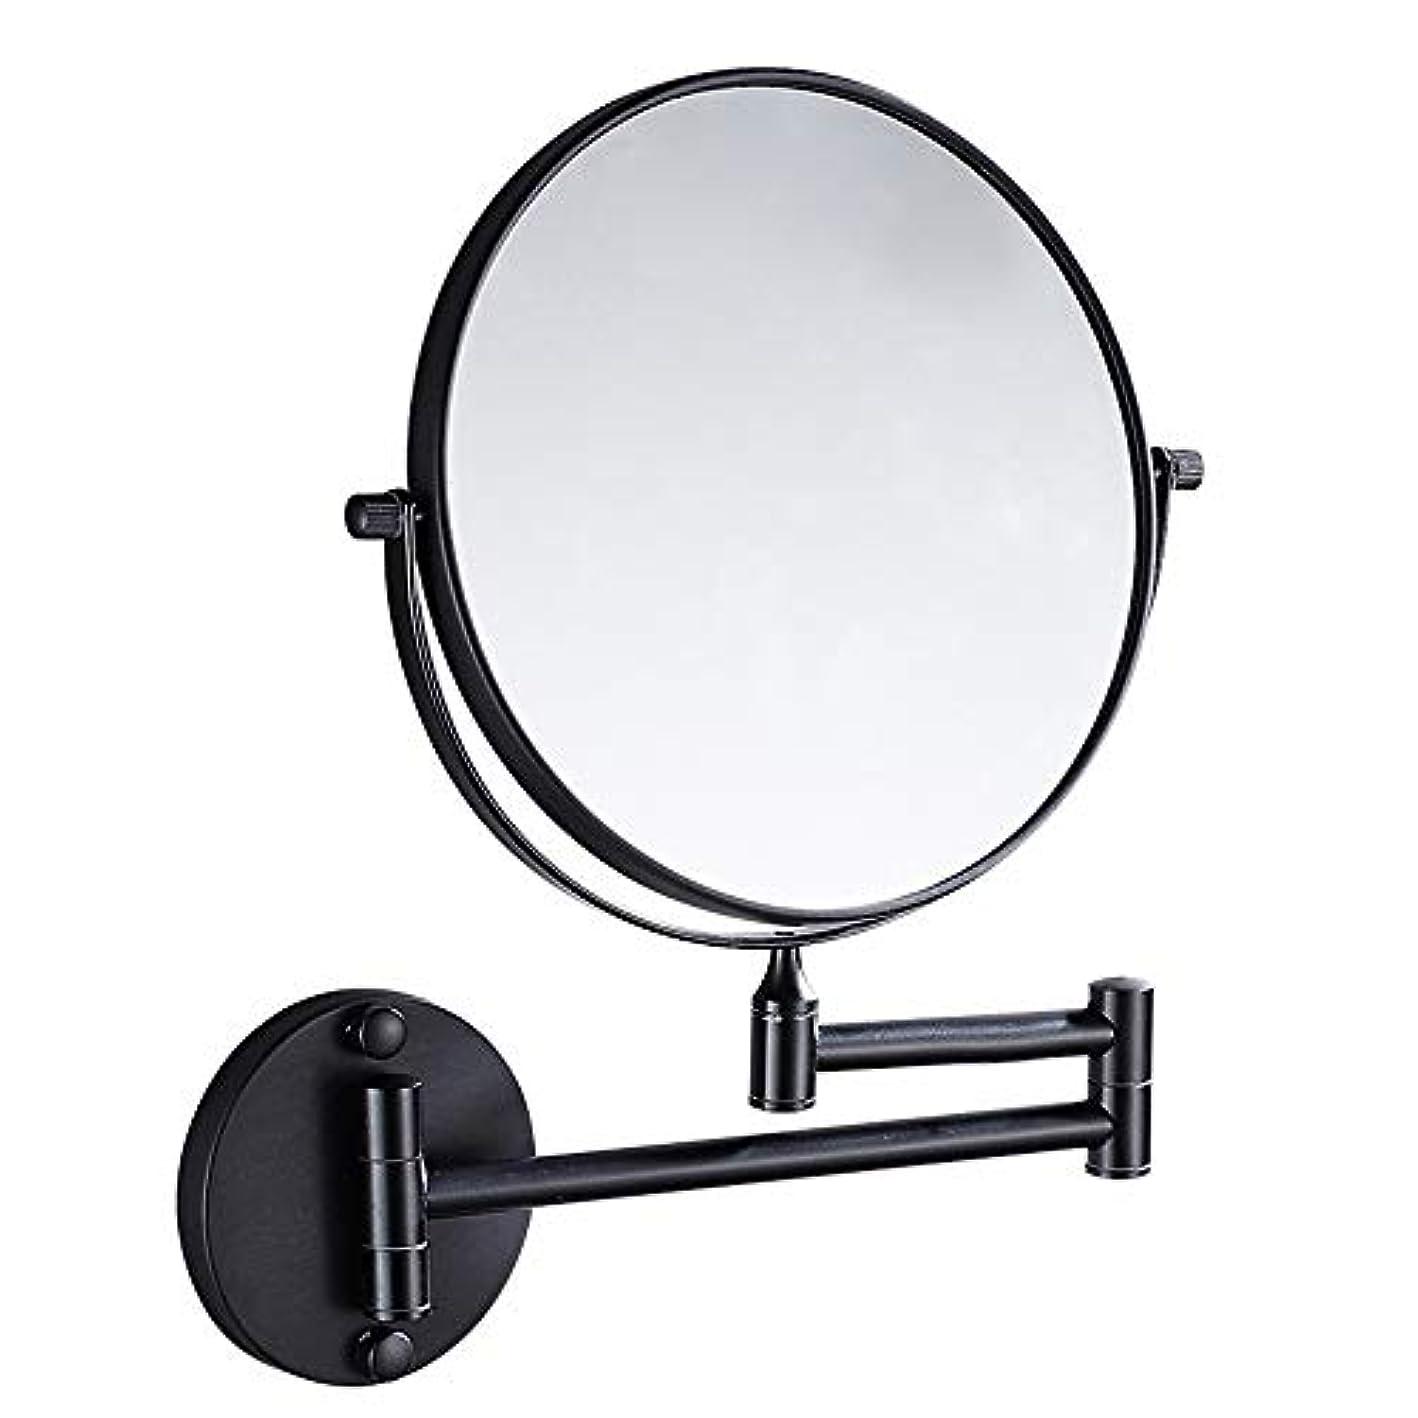 錫半円ドロー流行の ブラック銅ミラー浴室壁掛け折りたたみ美容ミラー両面望遠鏡拡大鏡8インチパンチフリー